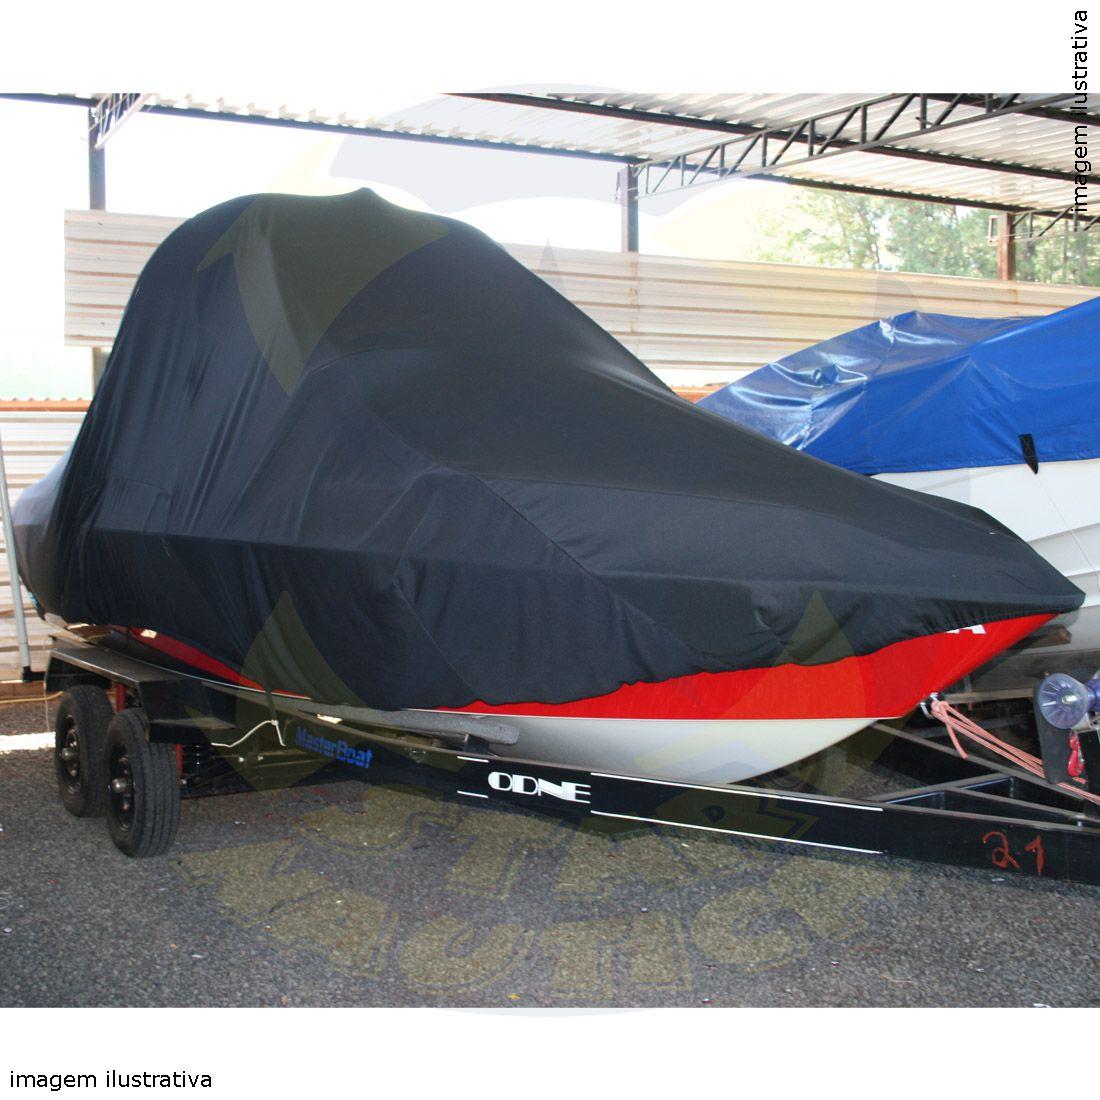 Capa Lona de Cobertura Lancha Focker 265 com Targa Lona Emborrachada